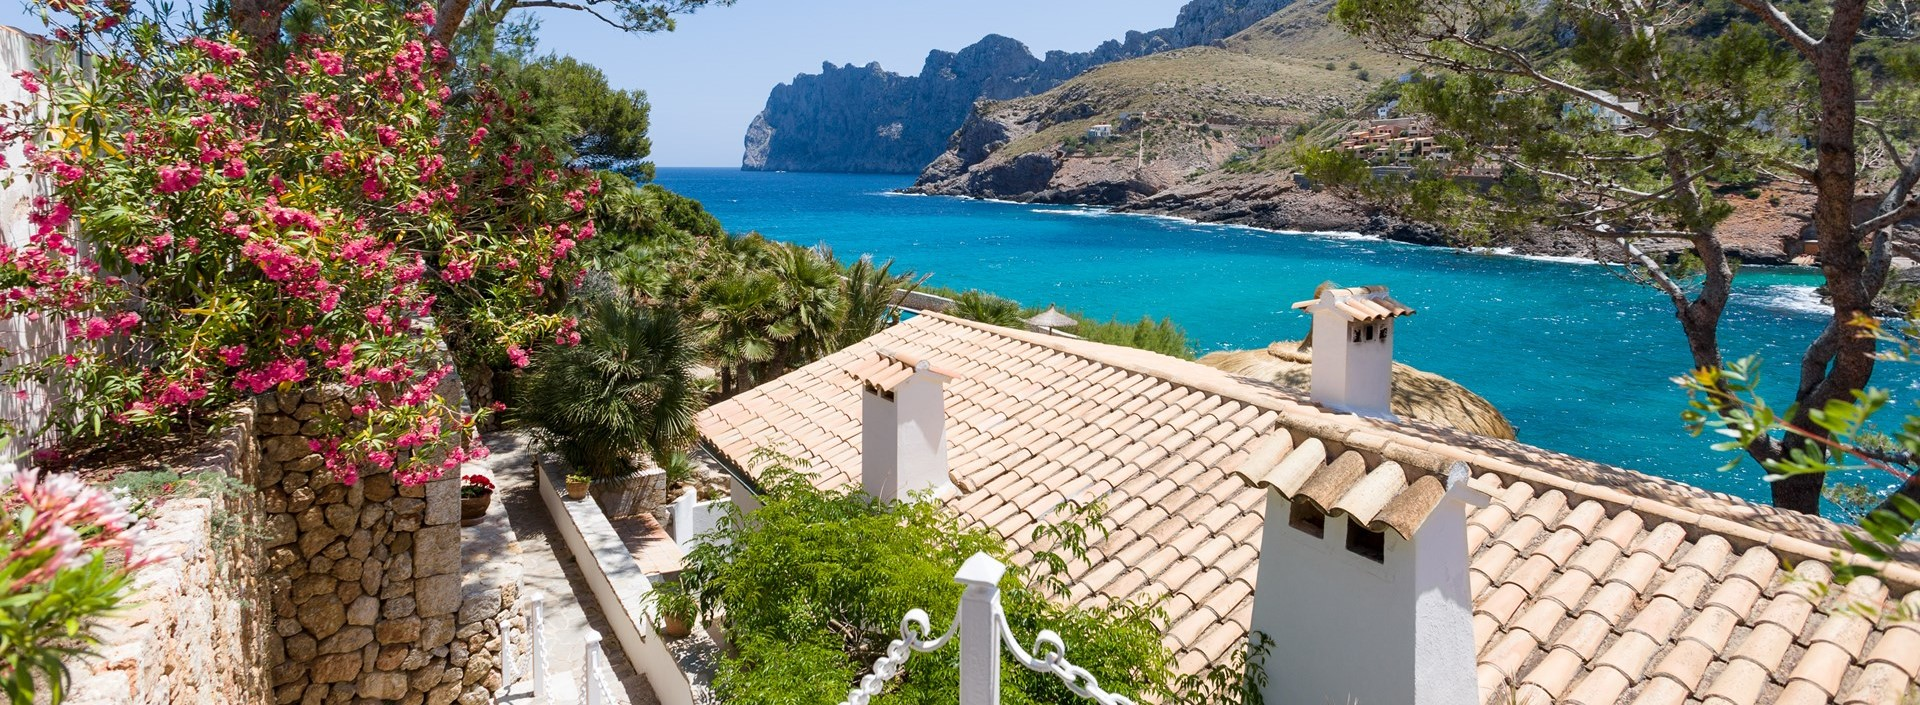 arriving-at-villa-mar-azul-mallorca